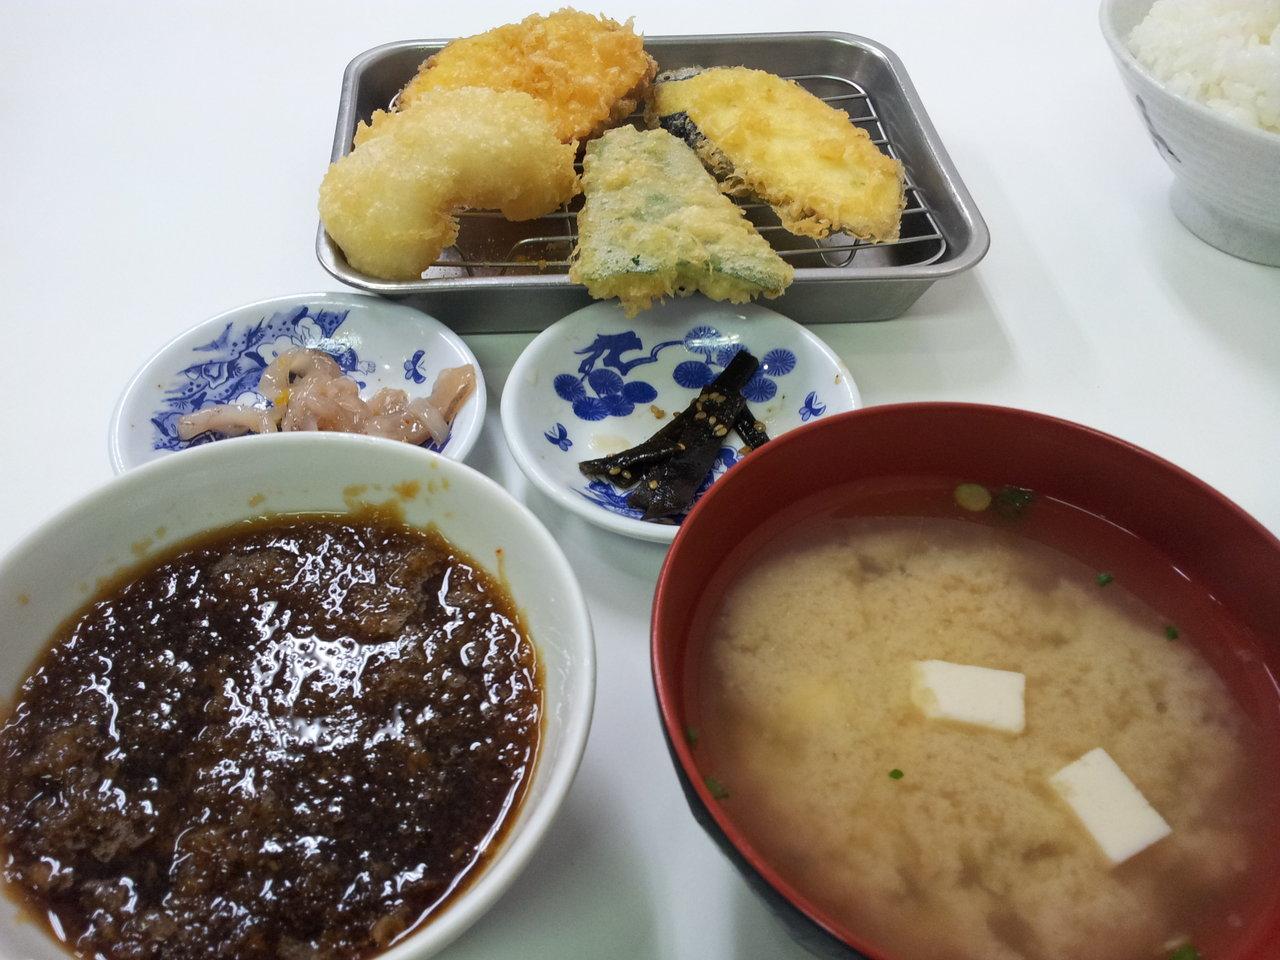 博多2大天ぷら「天ぷらひらお」と「だるまの天ぷら定食」を食べ比べてみた